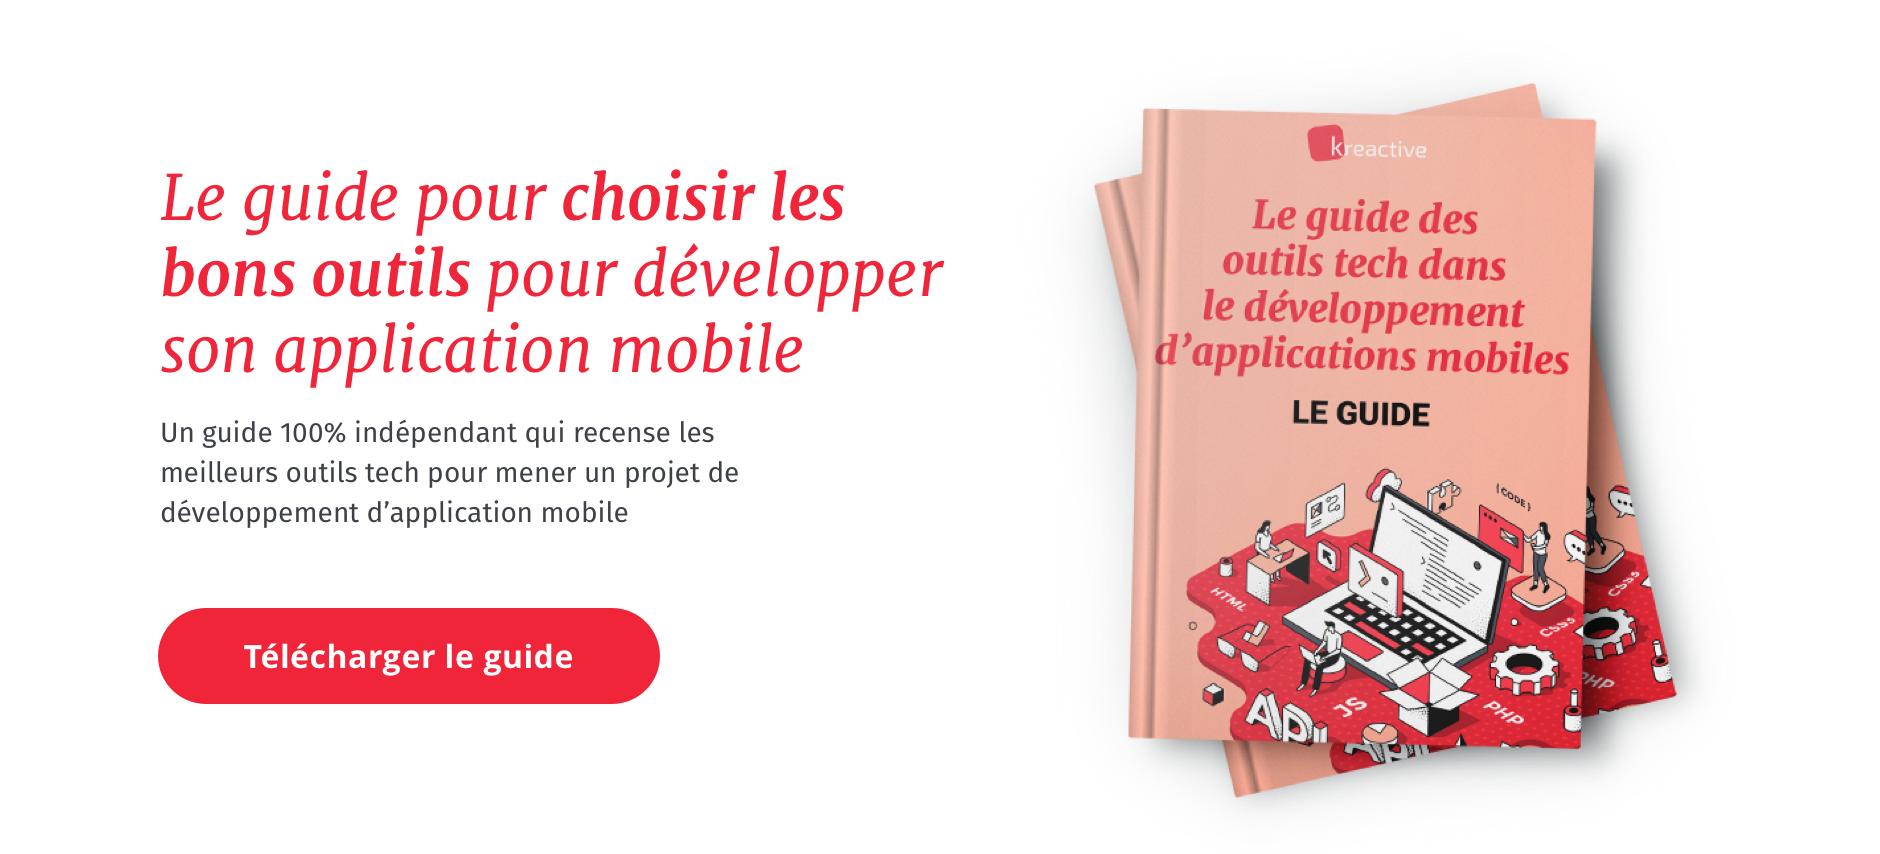 Le guide des outils tech pour le développement mobile